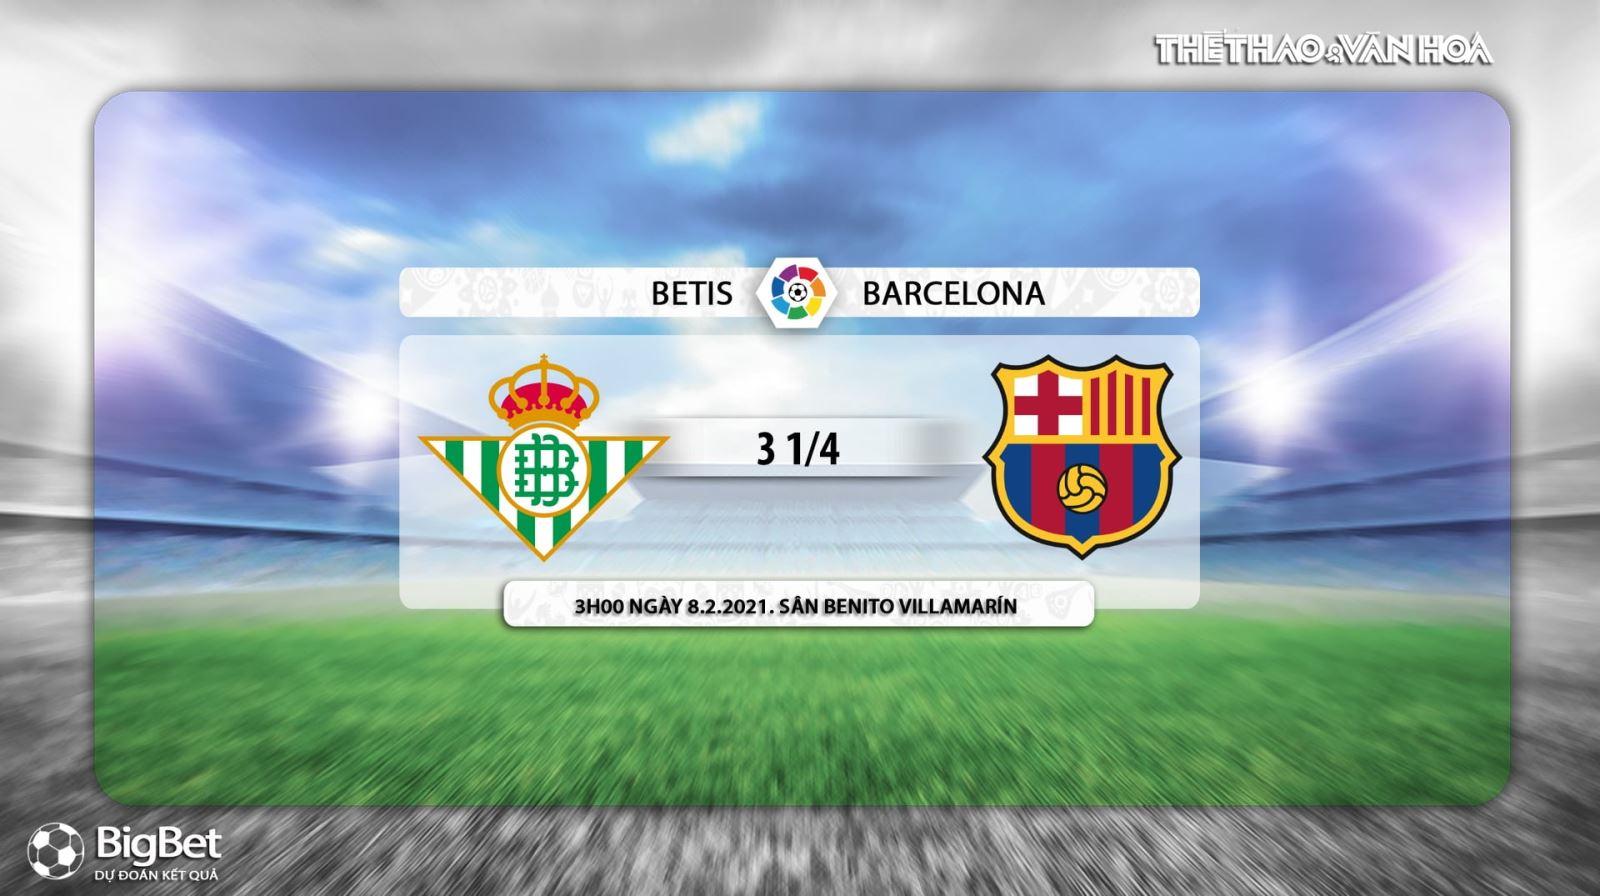 Keo nha cai,kèo nhà cái, Real Betis vs Barcelona, trực tiếp La Liga, Trực tiếp BĐTV, Trực tiếp bóng đá, Trực tiếp Barcelona đấu với Real Betis, Kèo bóng đá Betis Barca